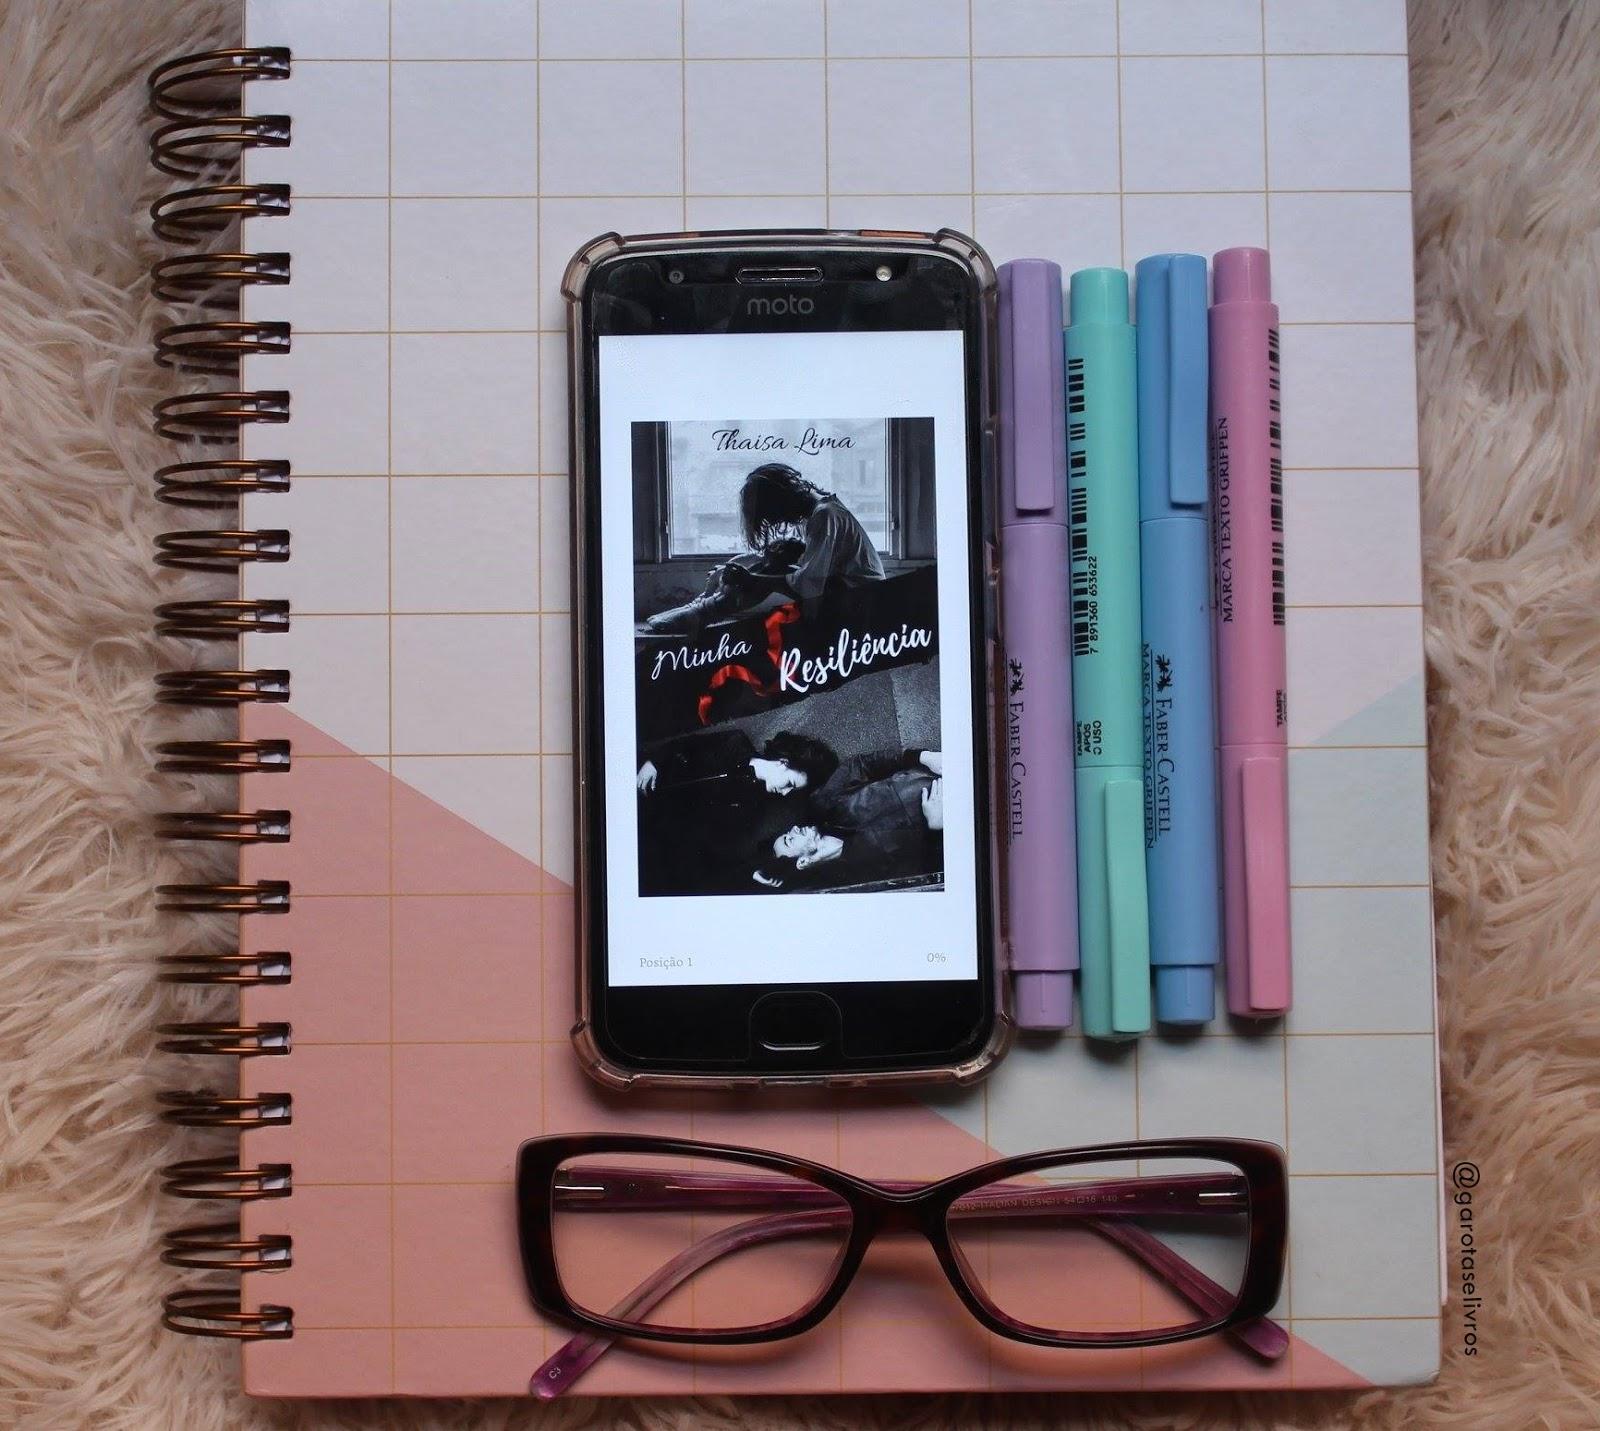 Leitura Coletiva] Minha Resiliência - Garotas e Livros